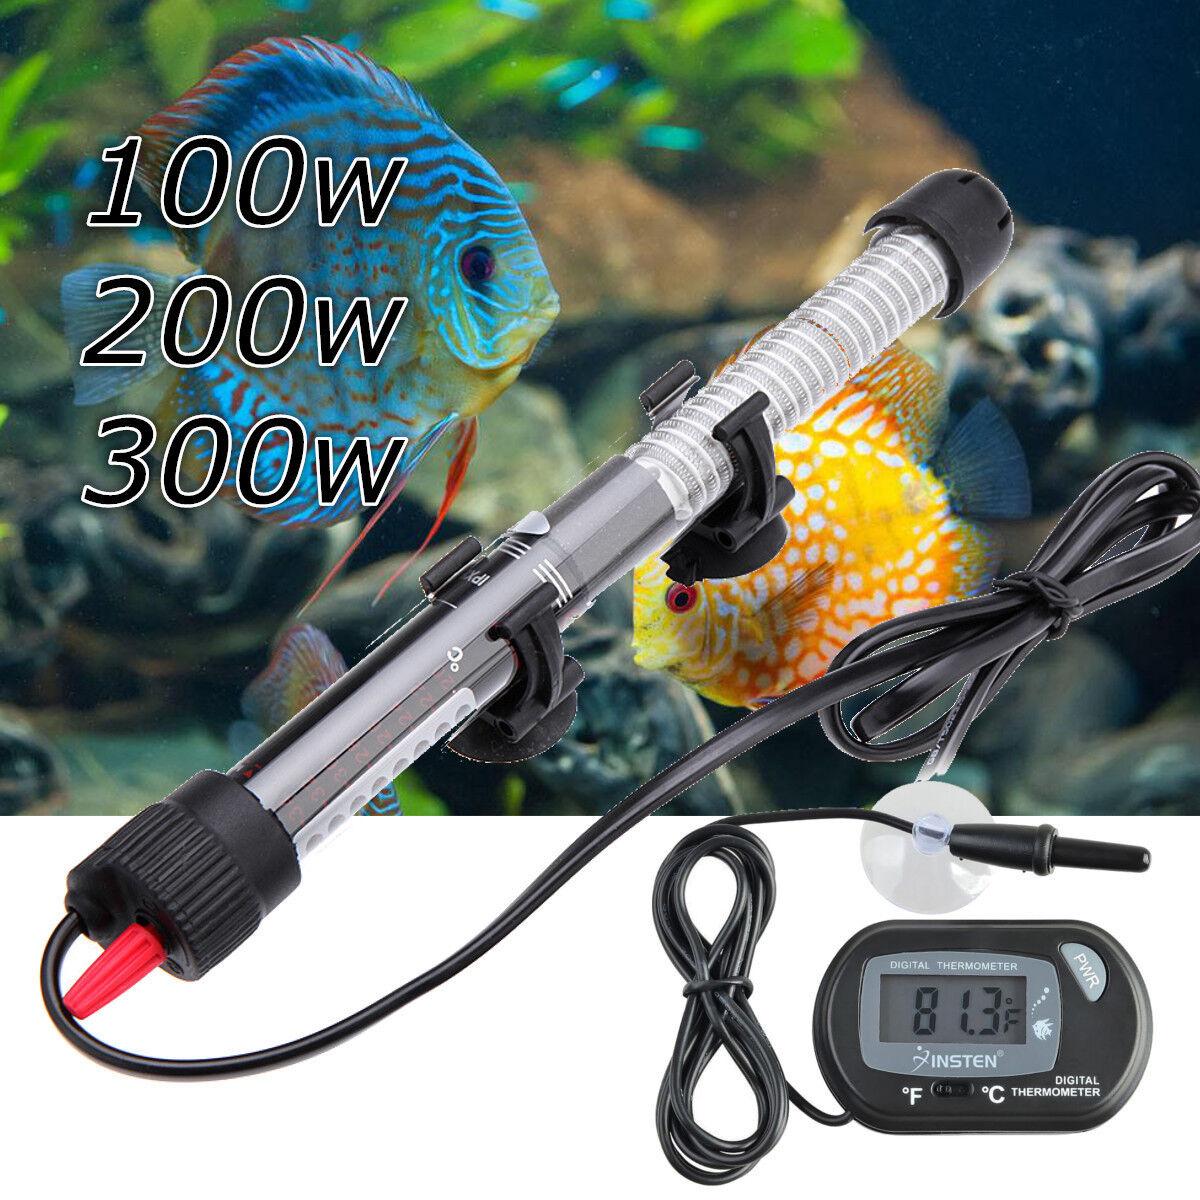 800 1200w sommergibile al quarzo digitale riscaldatore per for Riscaldatore acqua per tartarughe